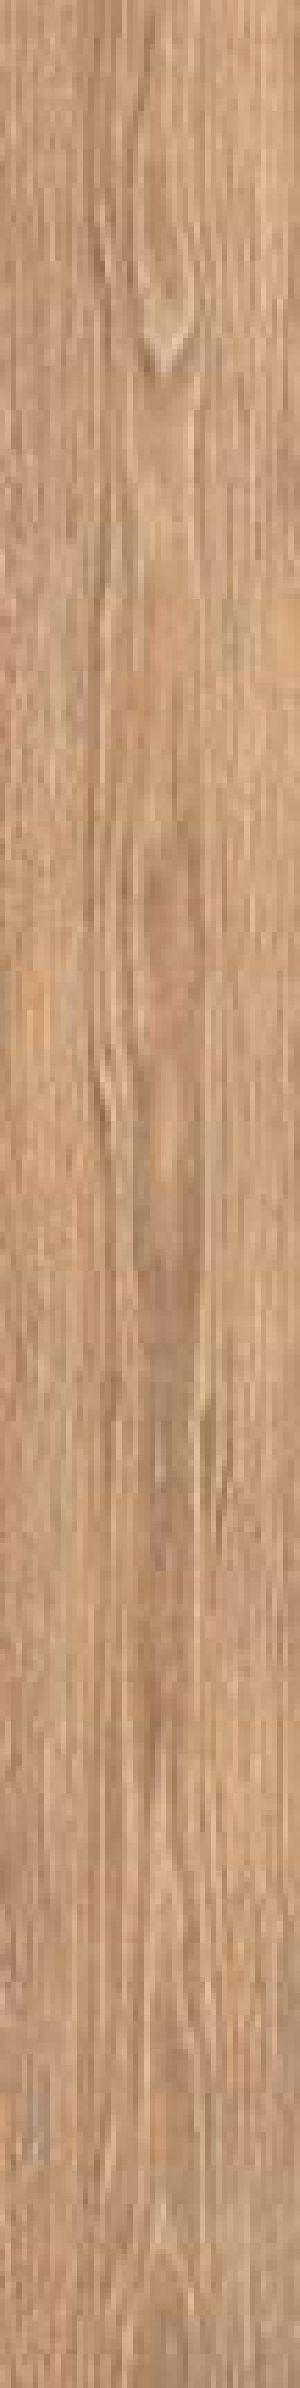 SCS Wood Brown Floor Tiles